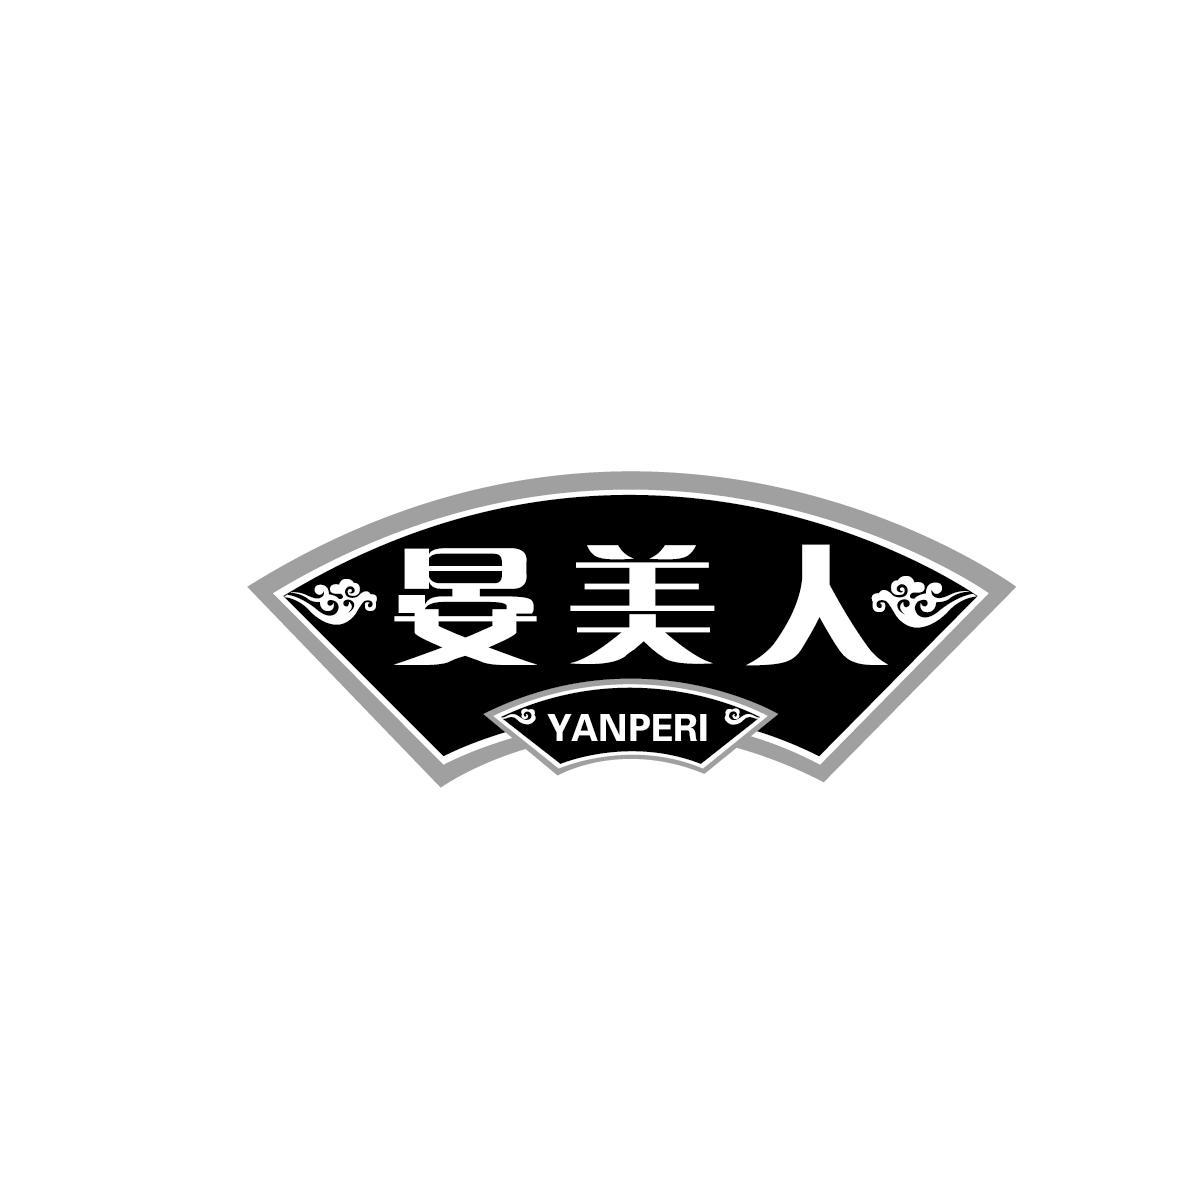 转让商标-晏美人 YANPERI